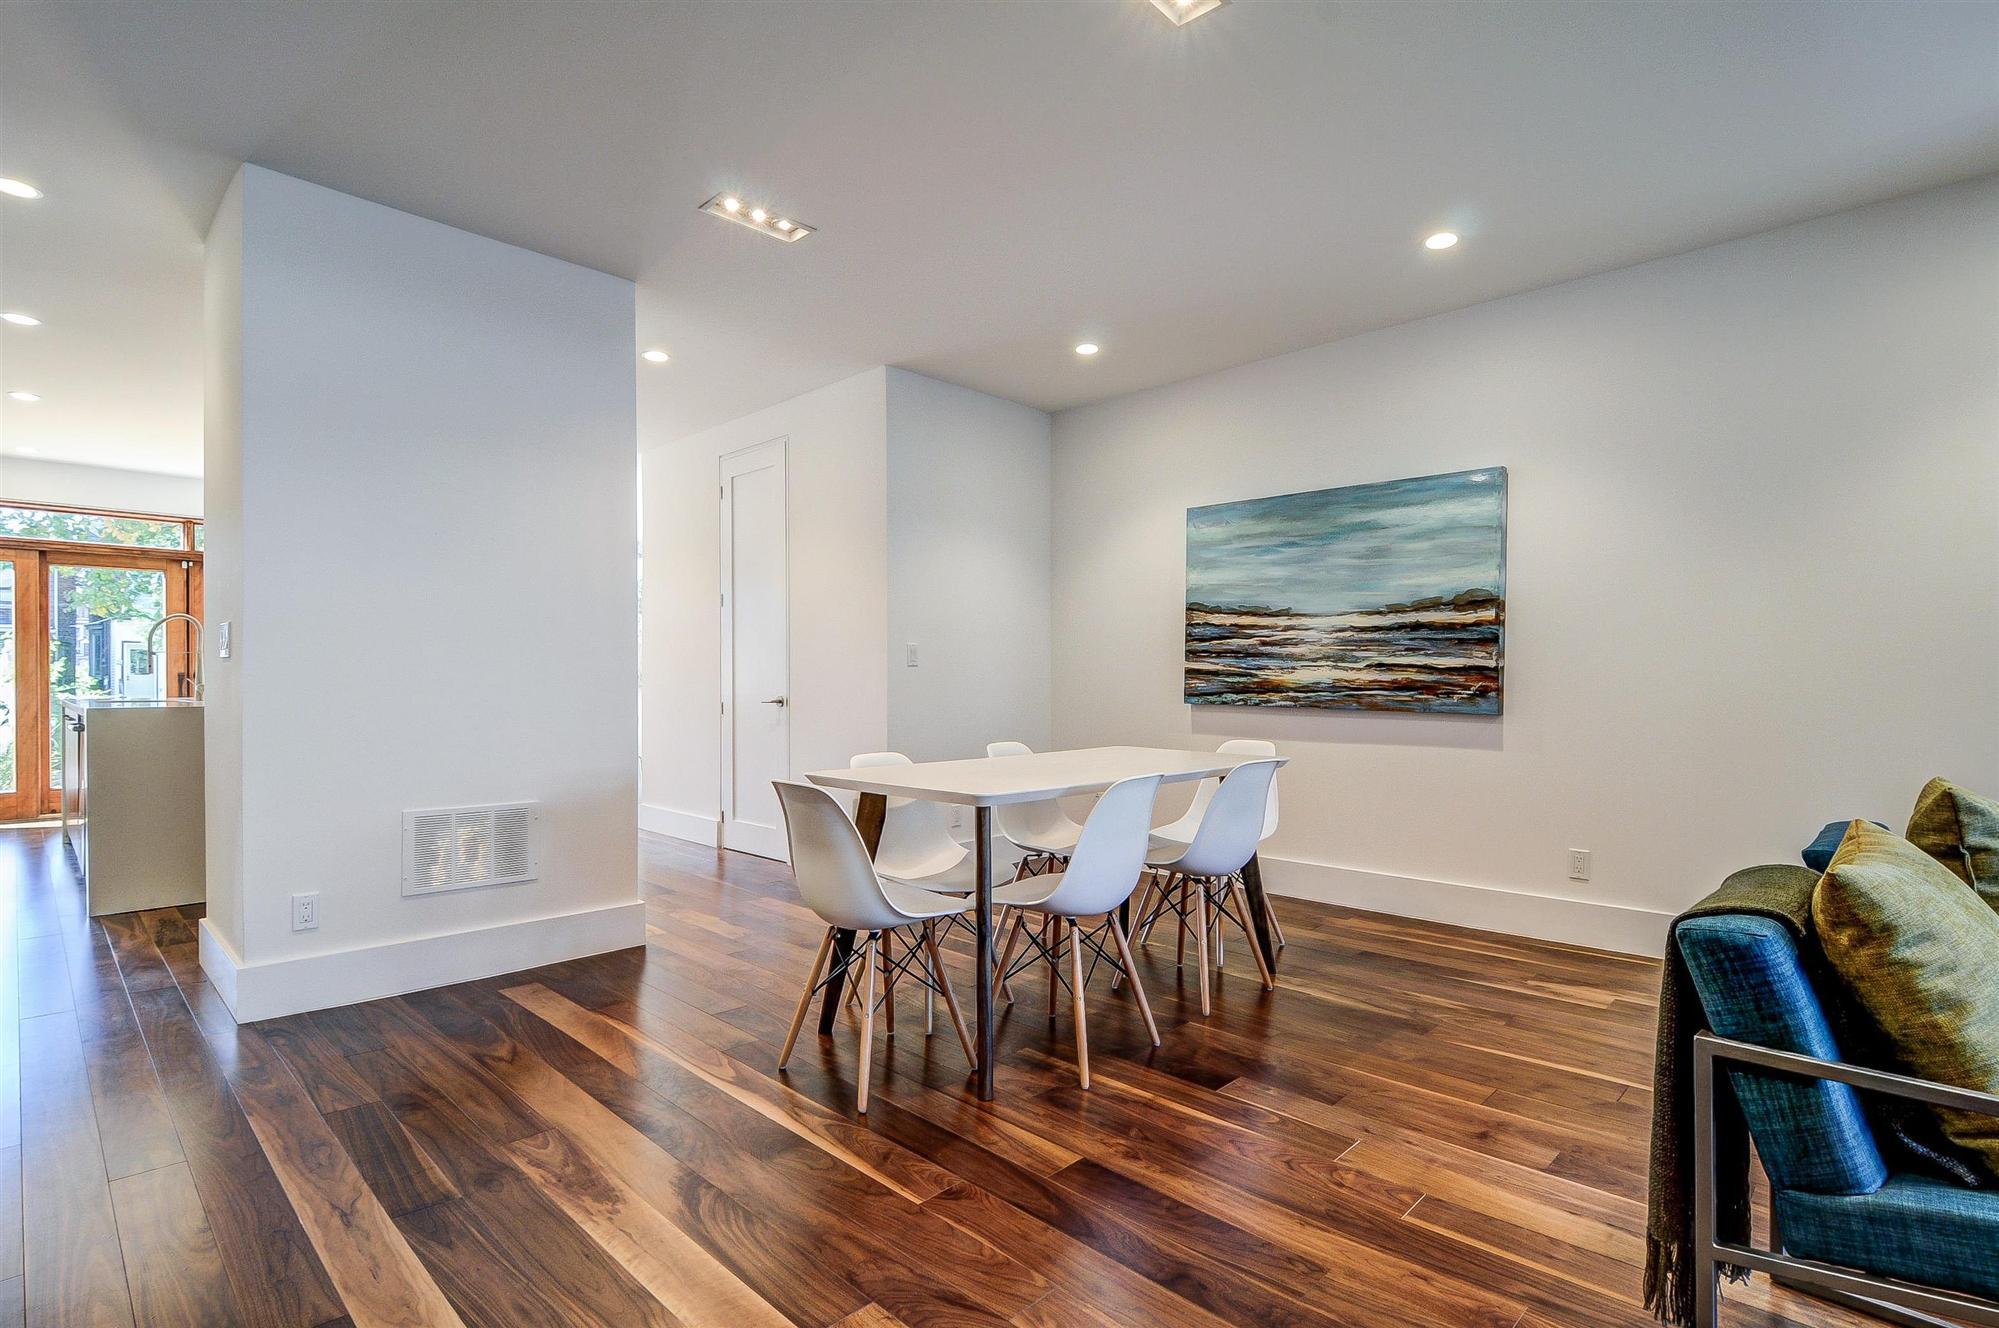 toronto-house-for-sale-32-elmer-avenue-3